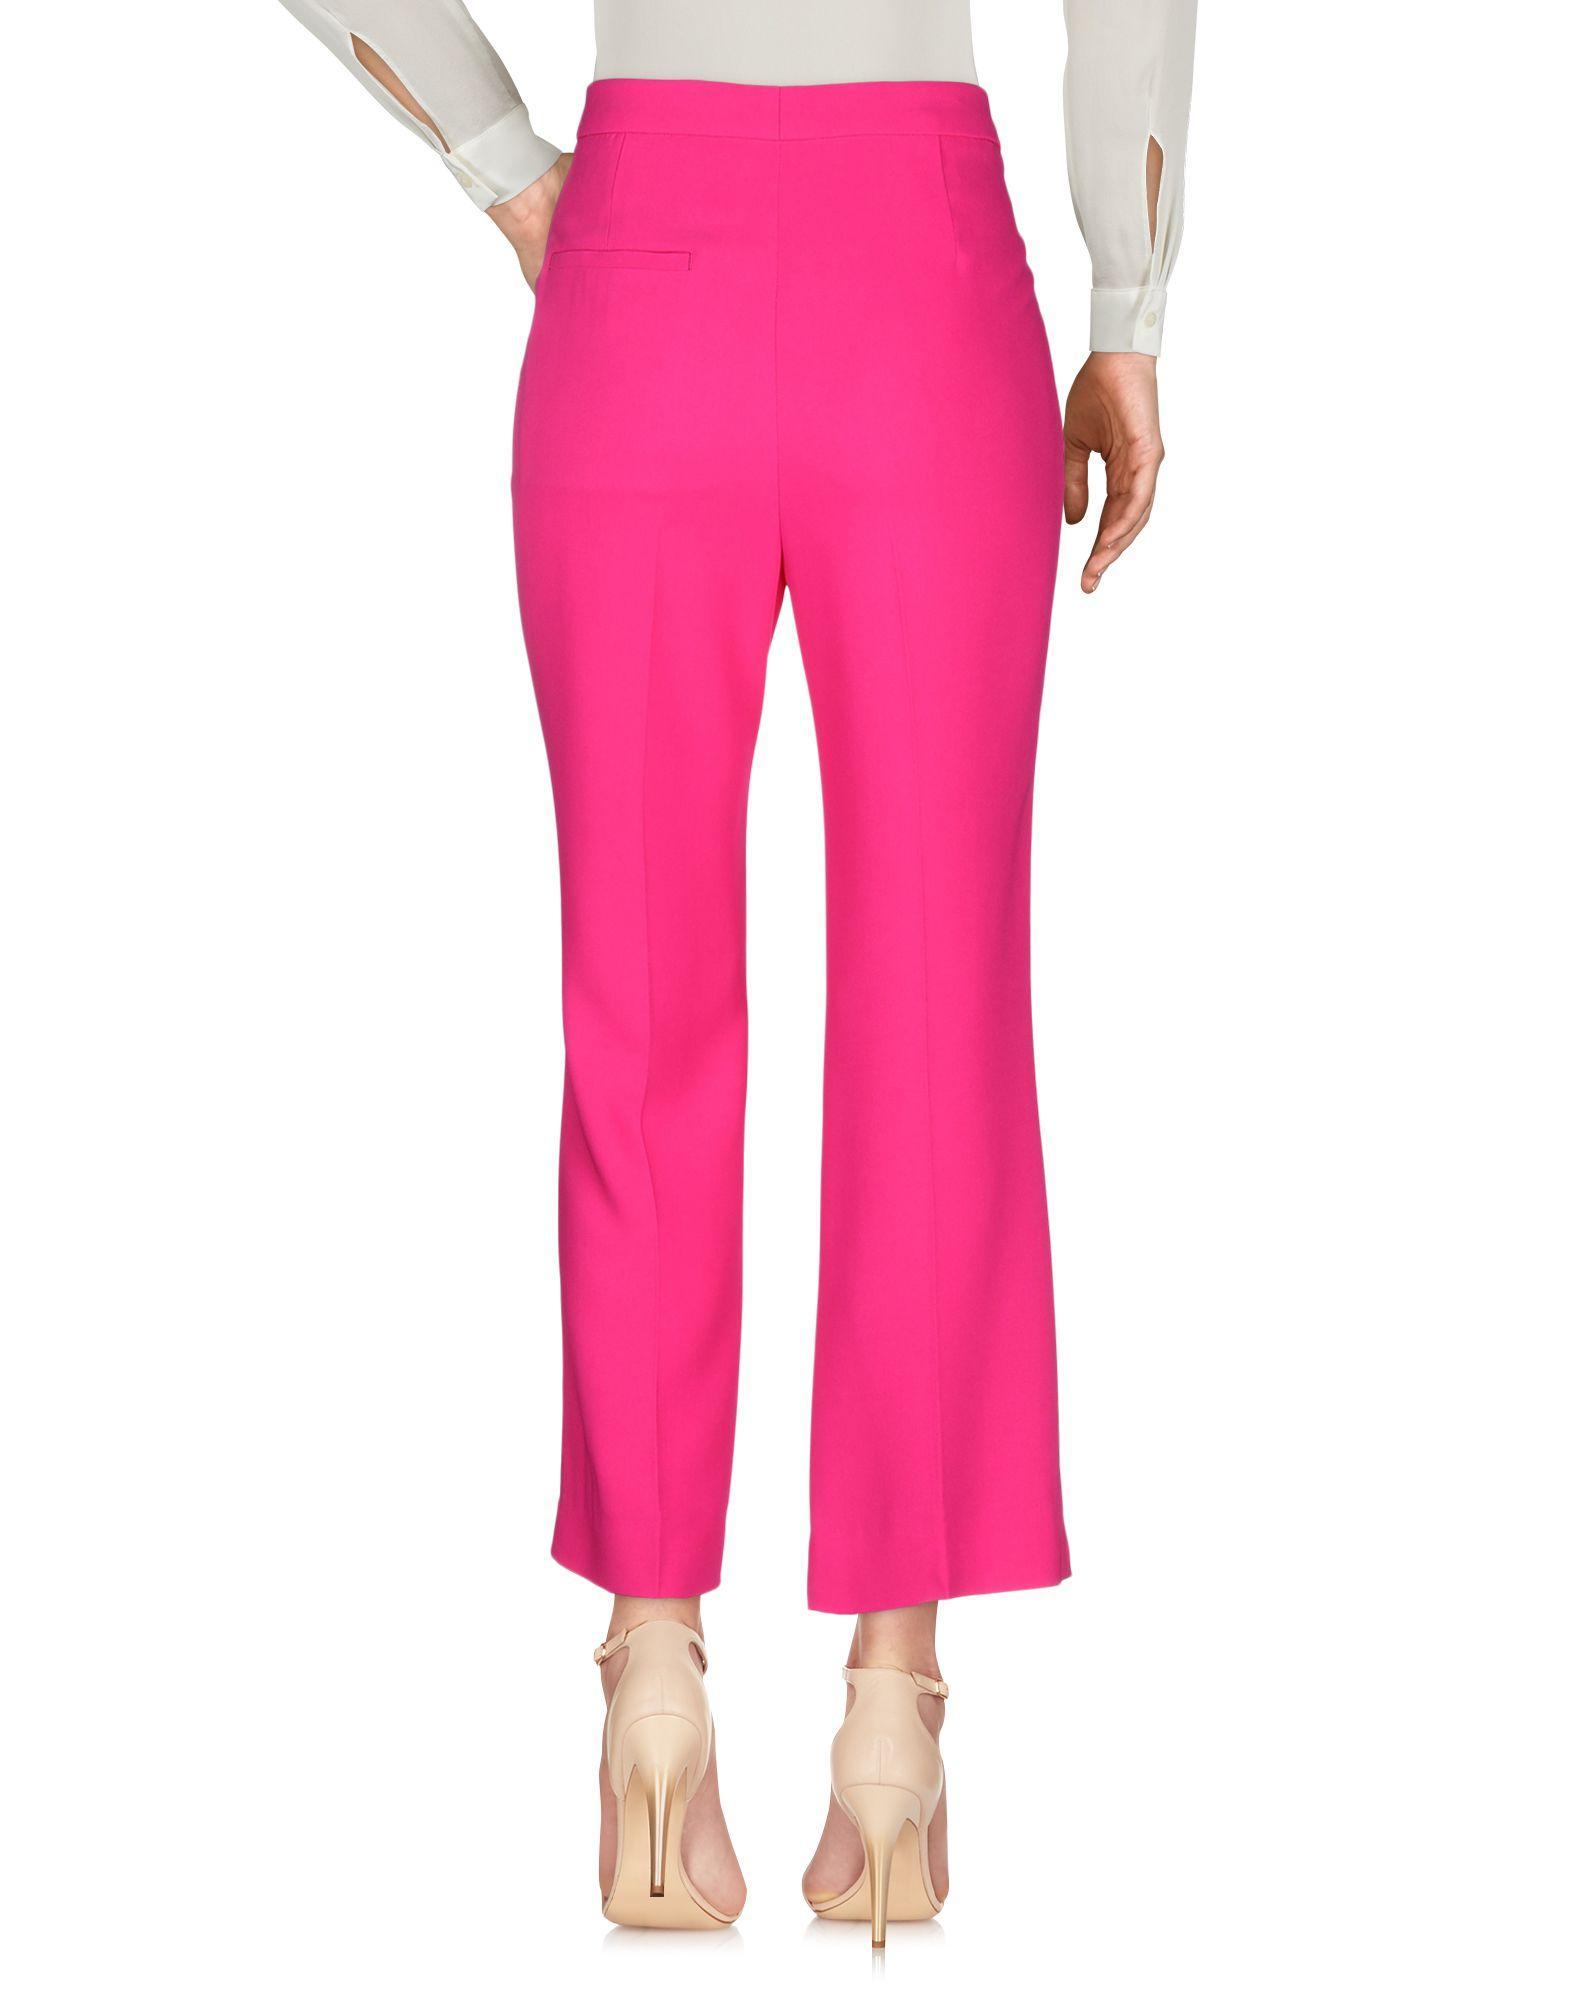 Pantalones Rochas de Tejido sintético de color Rosa